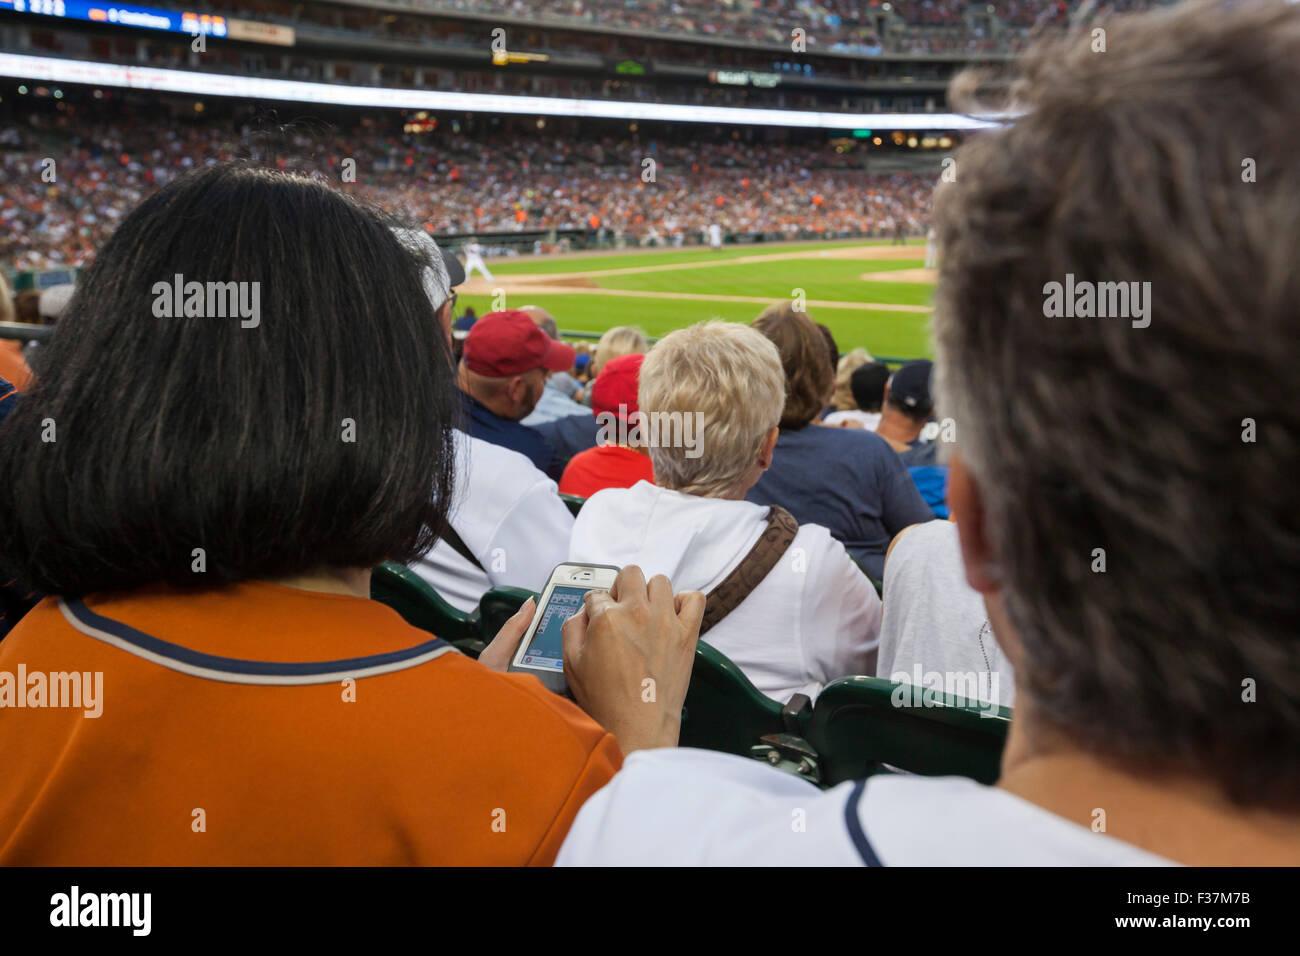 Detroit, Michigan - Une femme joue solitaire sur son téléphone au Comerica Park lors d'un match de Photo Stock